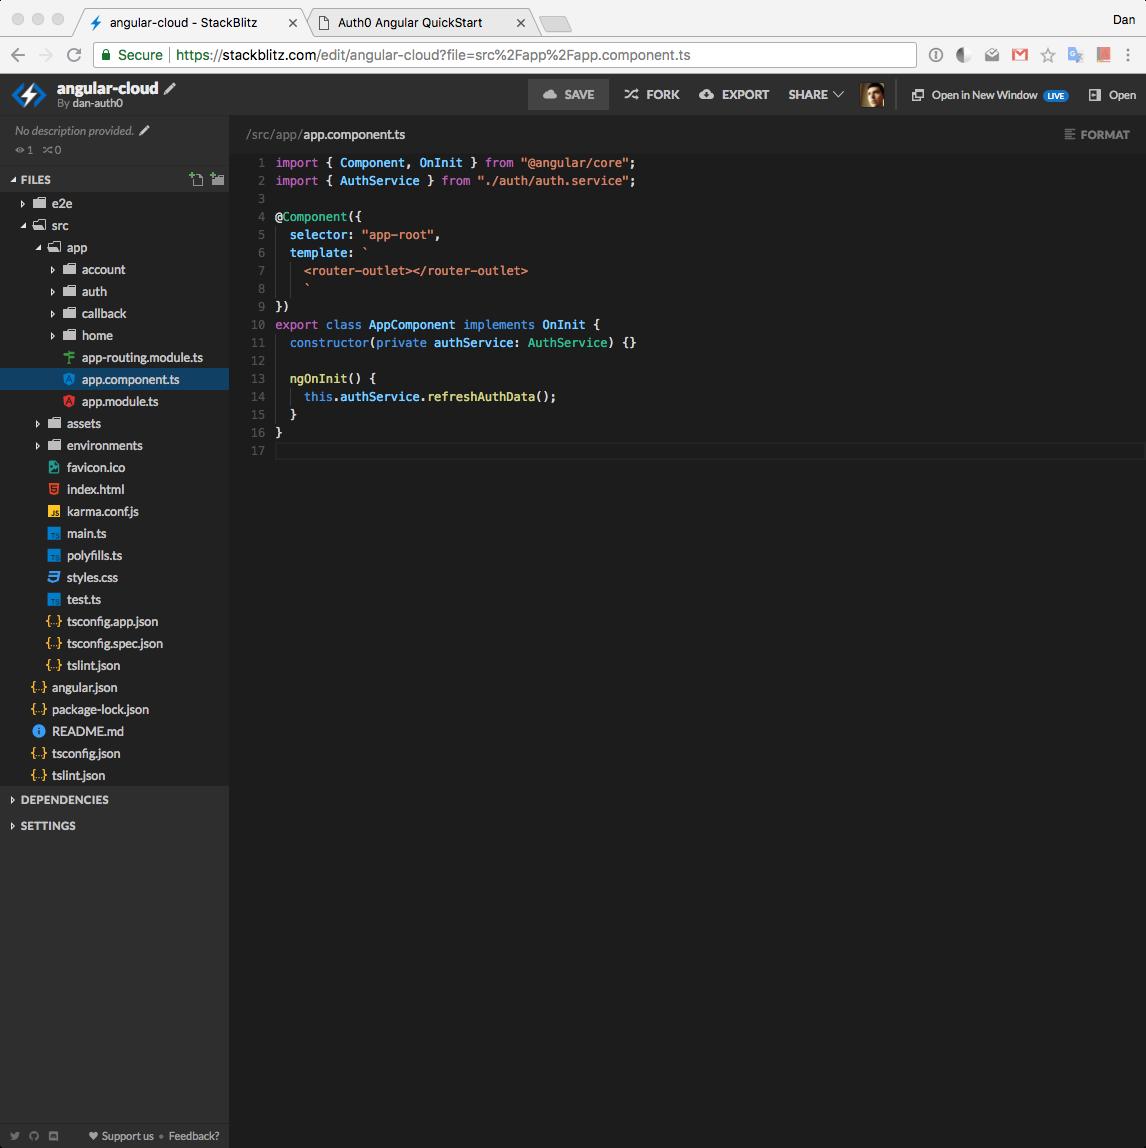 StackBlitz online code text editor view